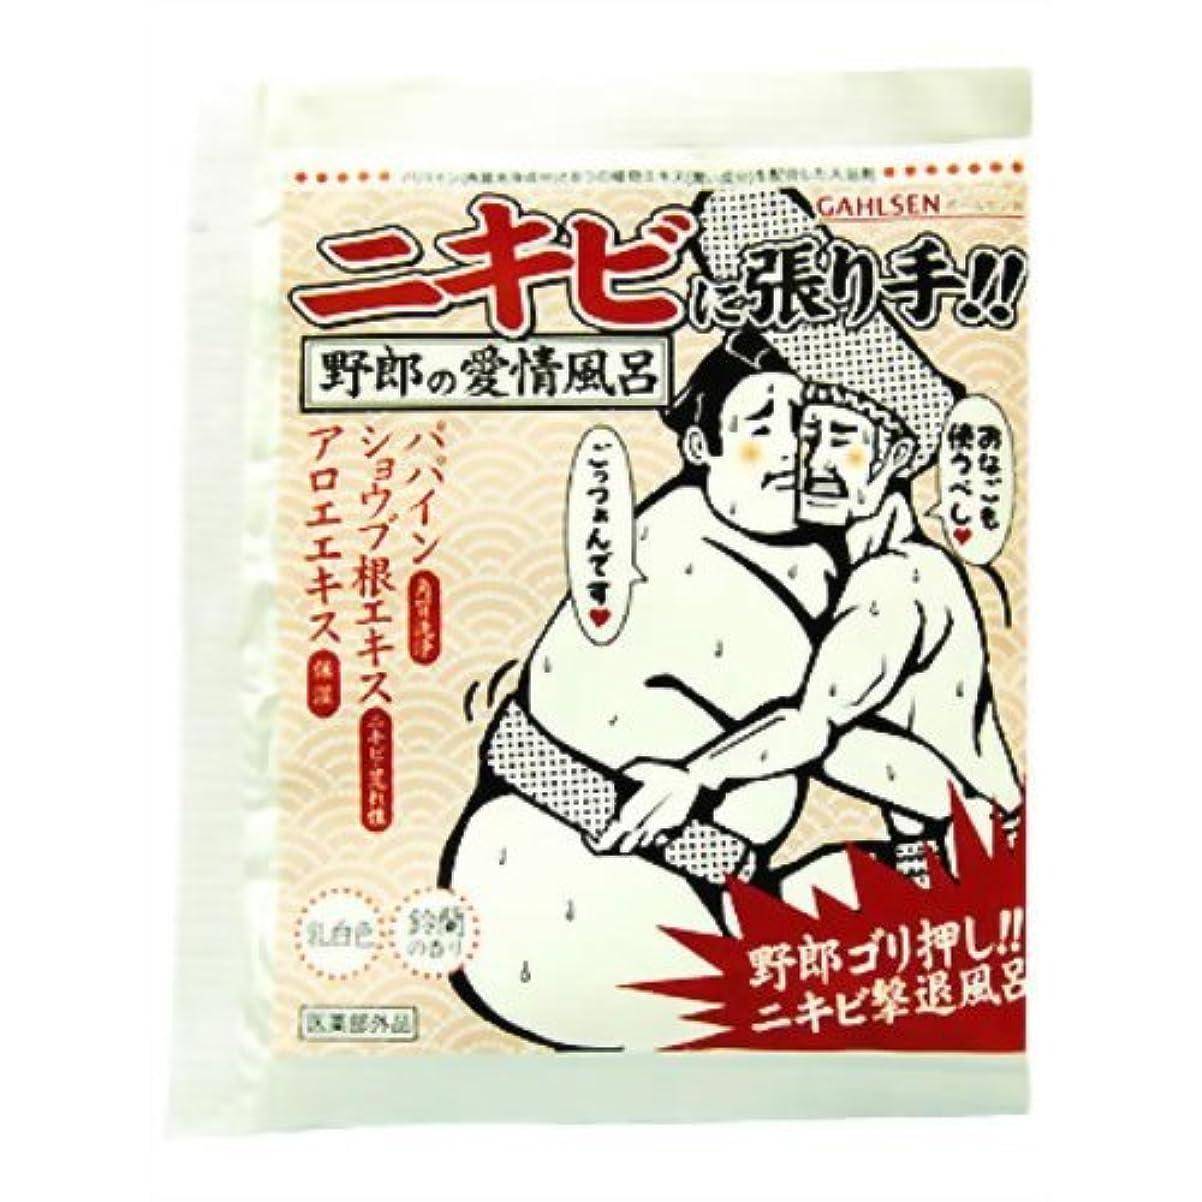 参加するメアリアンジョーンズ反逆ガールセンW 25g*10袋(入浴剤)